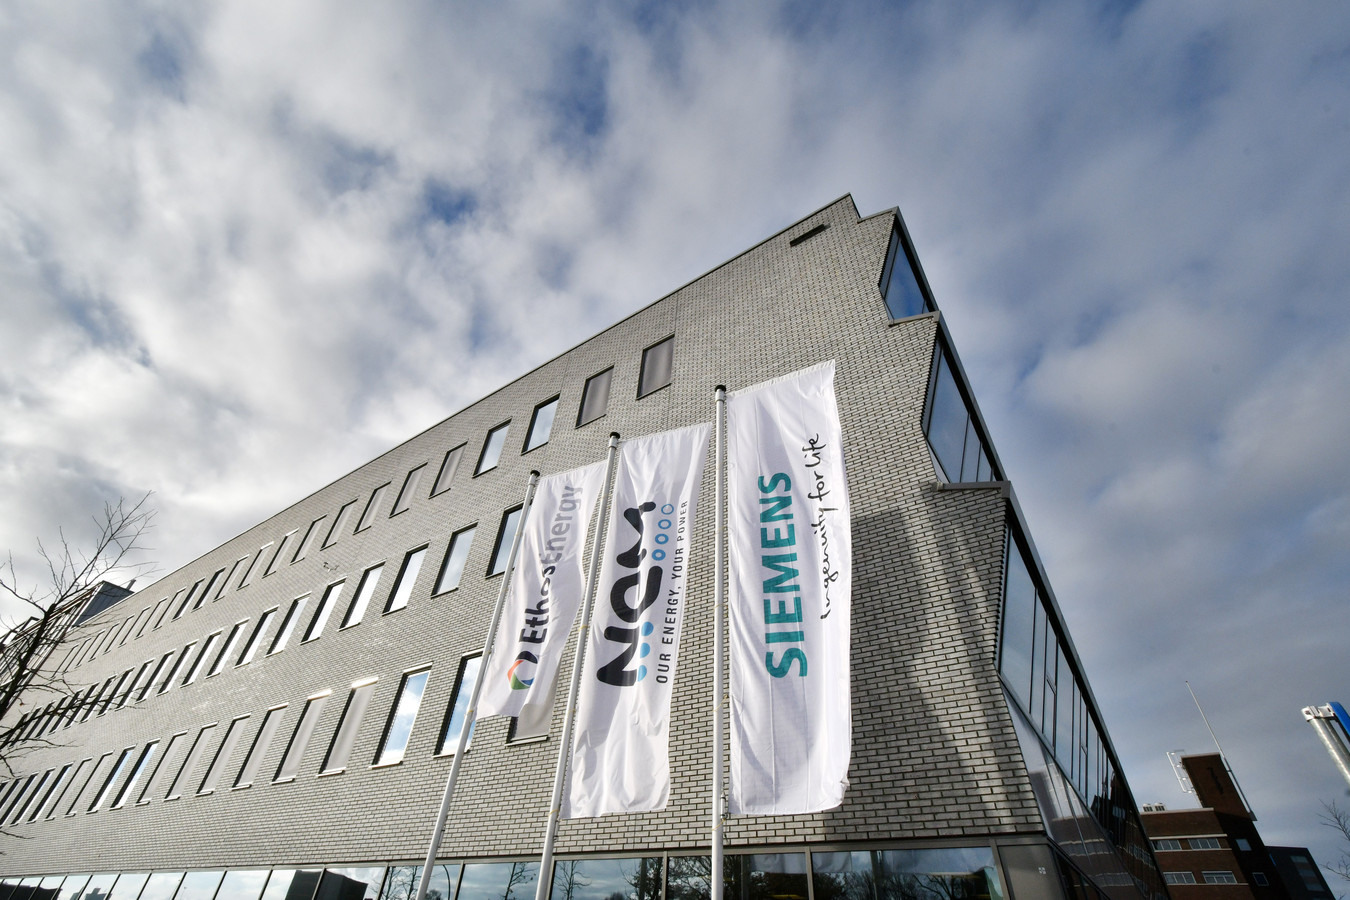 De onzekerheid over hun toekomst sloopt volgens de vakbond 'het personeel van Siemens en NEM emotioneel'